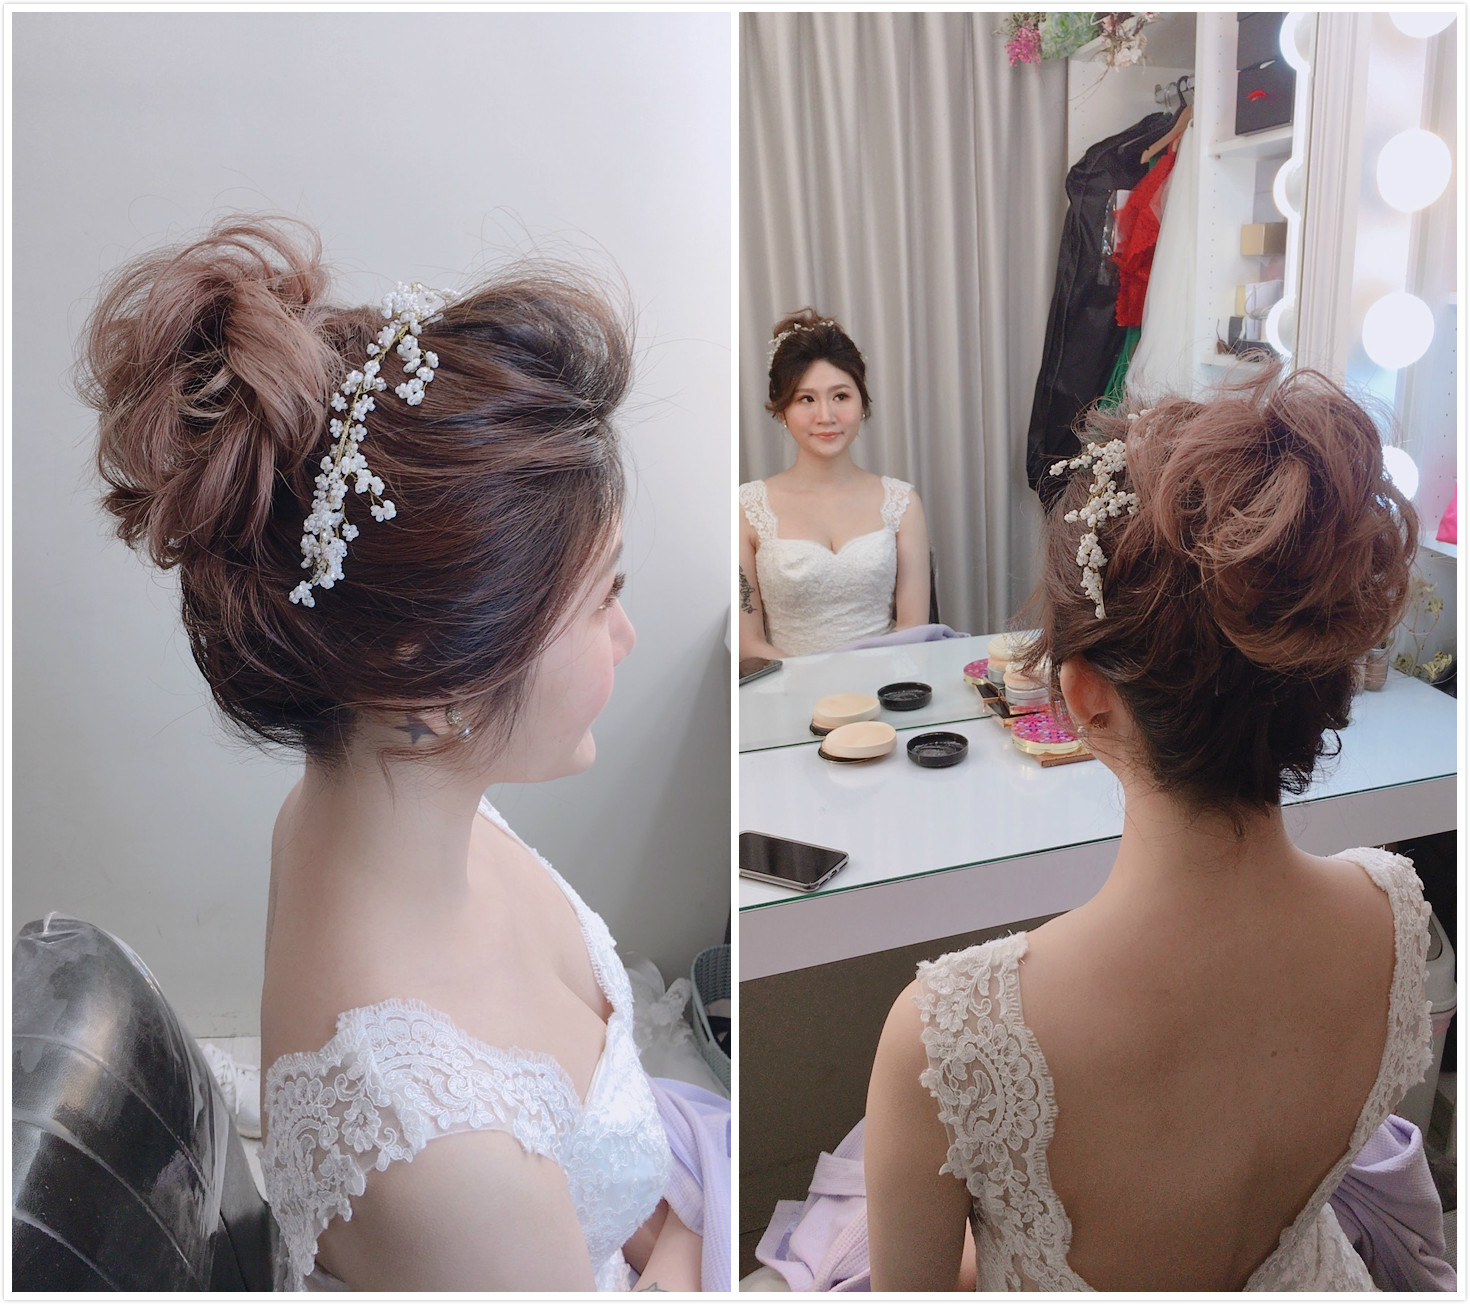 台北新芯媛💖短髮新娘造型推薦1001002.jpg